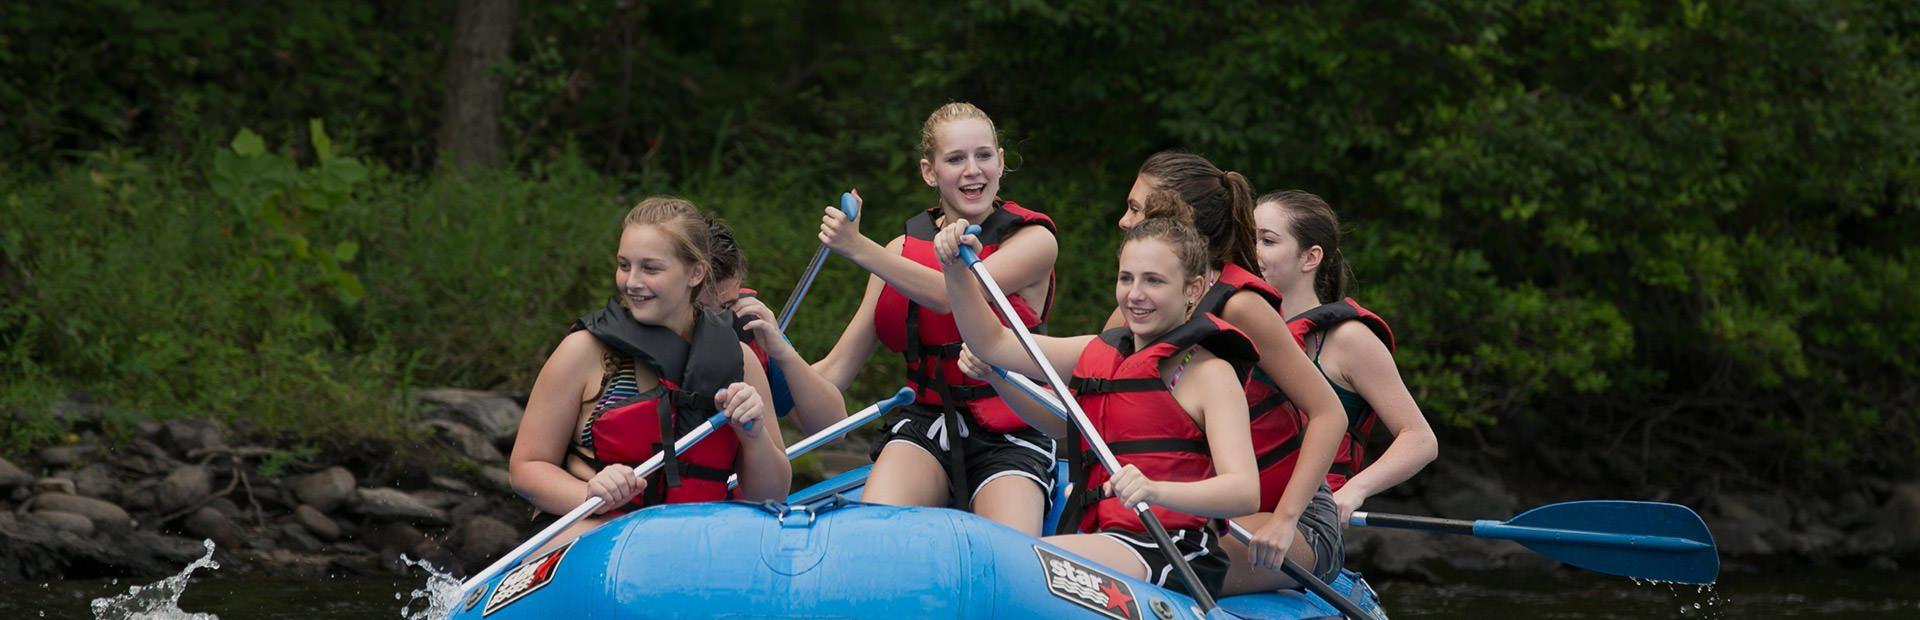 Whitewater Rafting Pocono Mountains